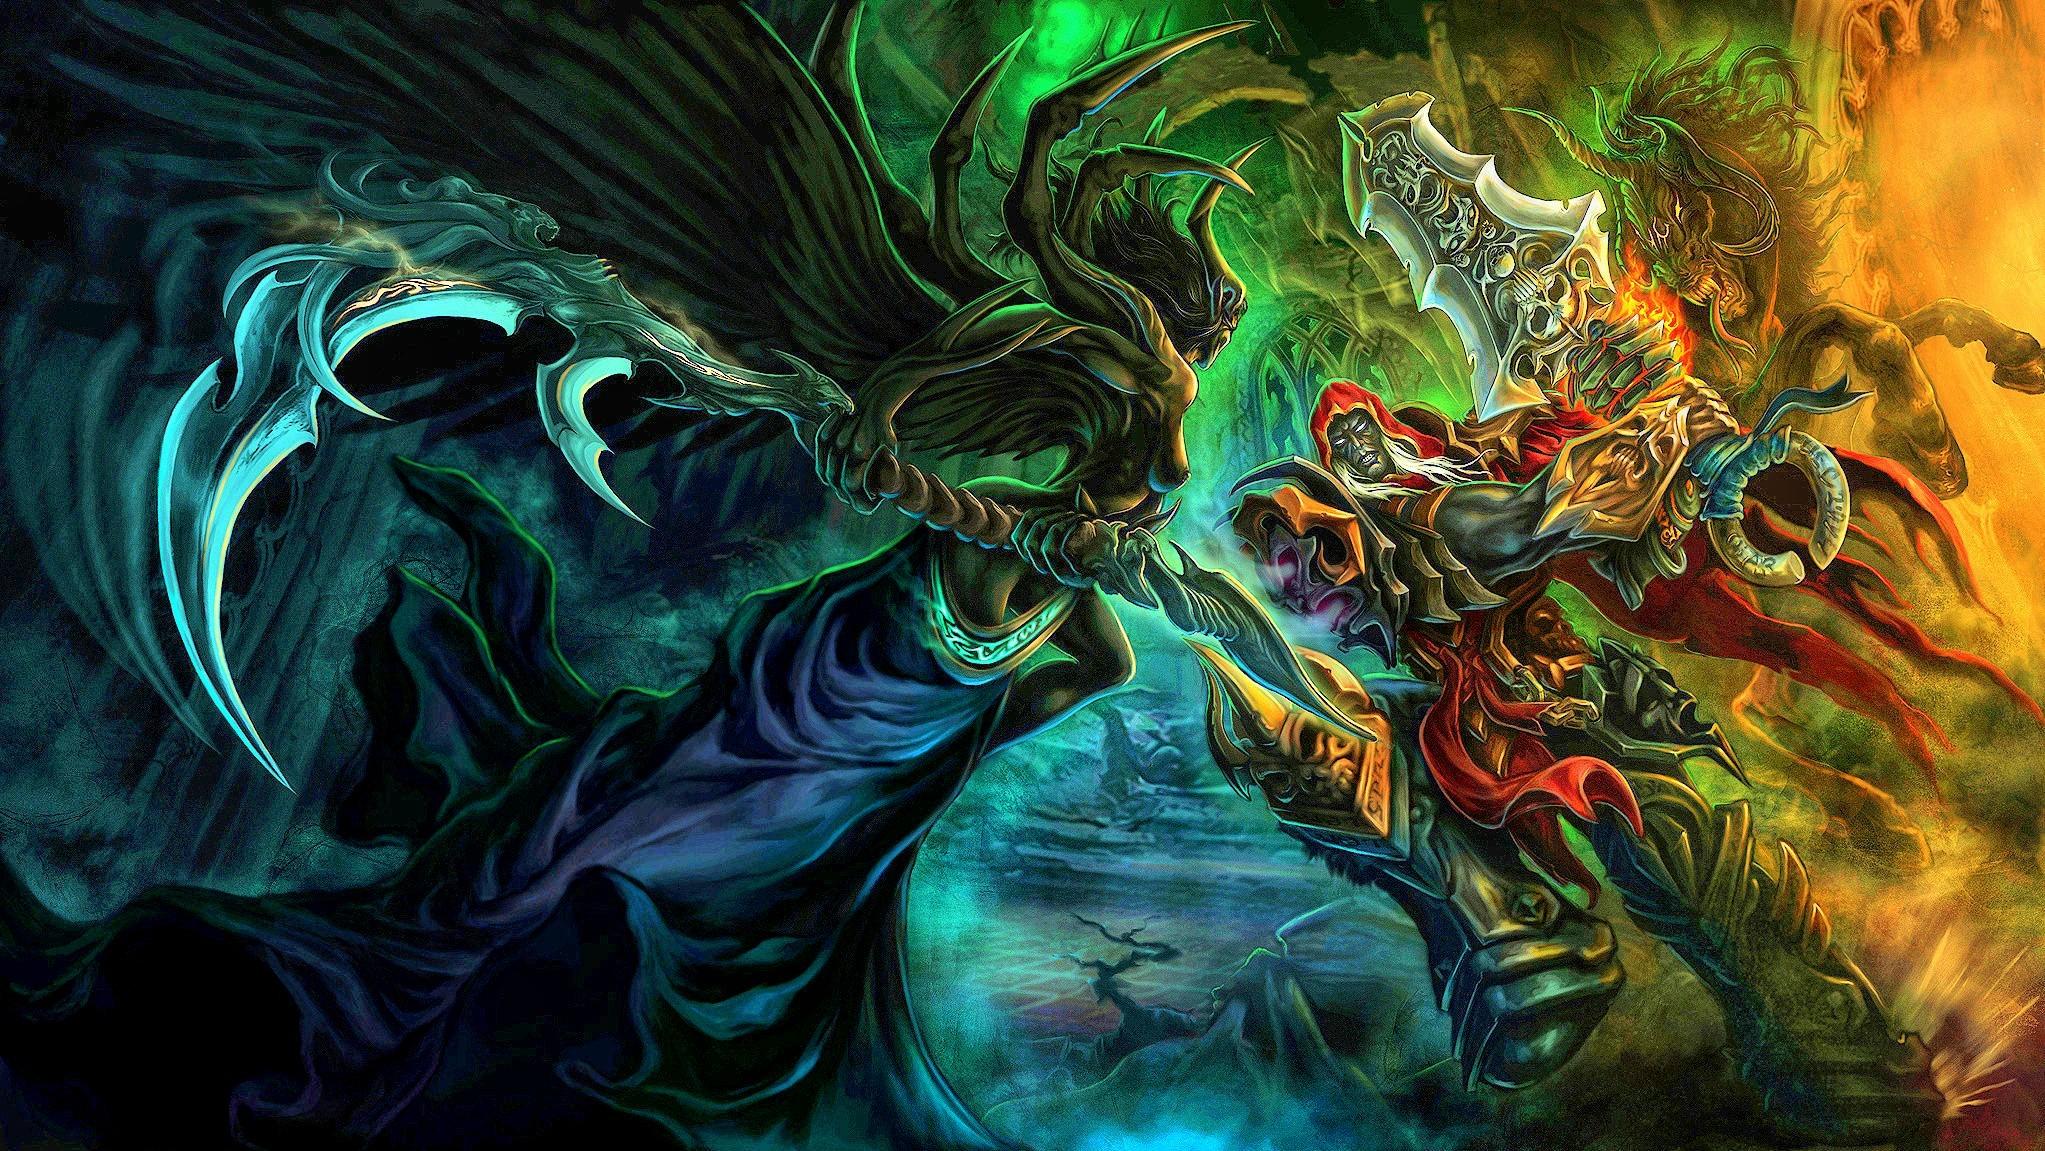 Wallpaper : Darksiders, war, Four Horsemen of the Apocalypse